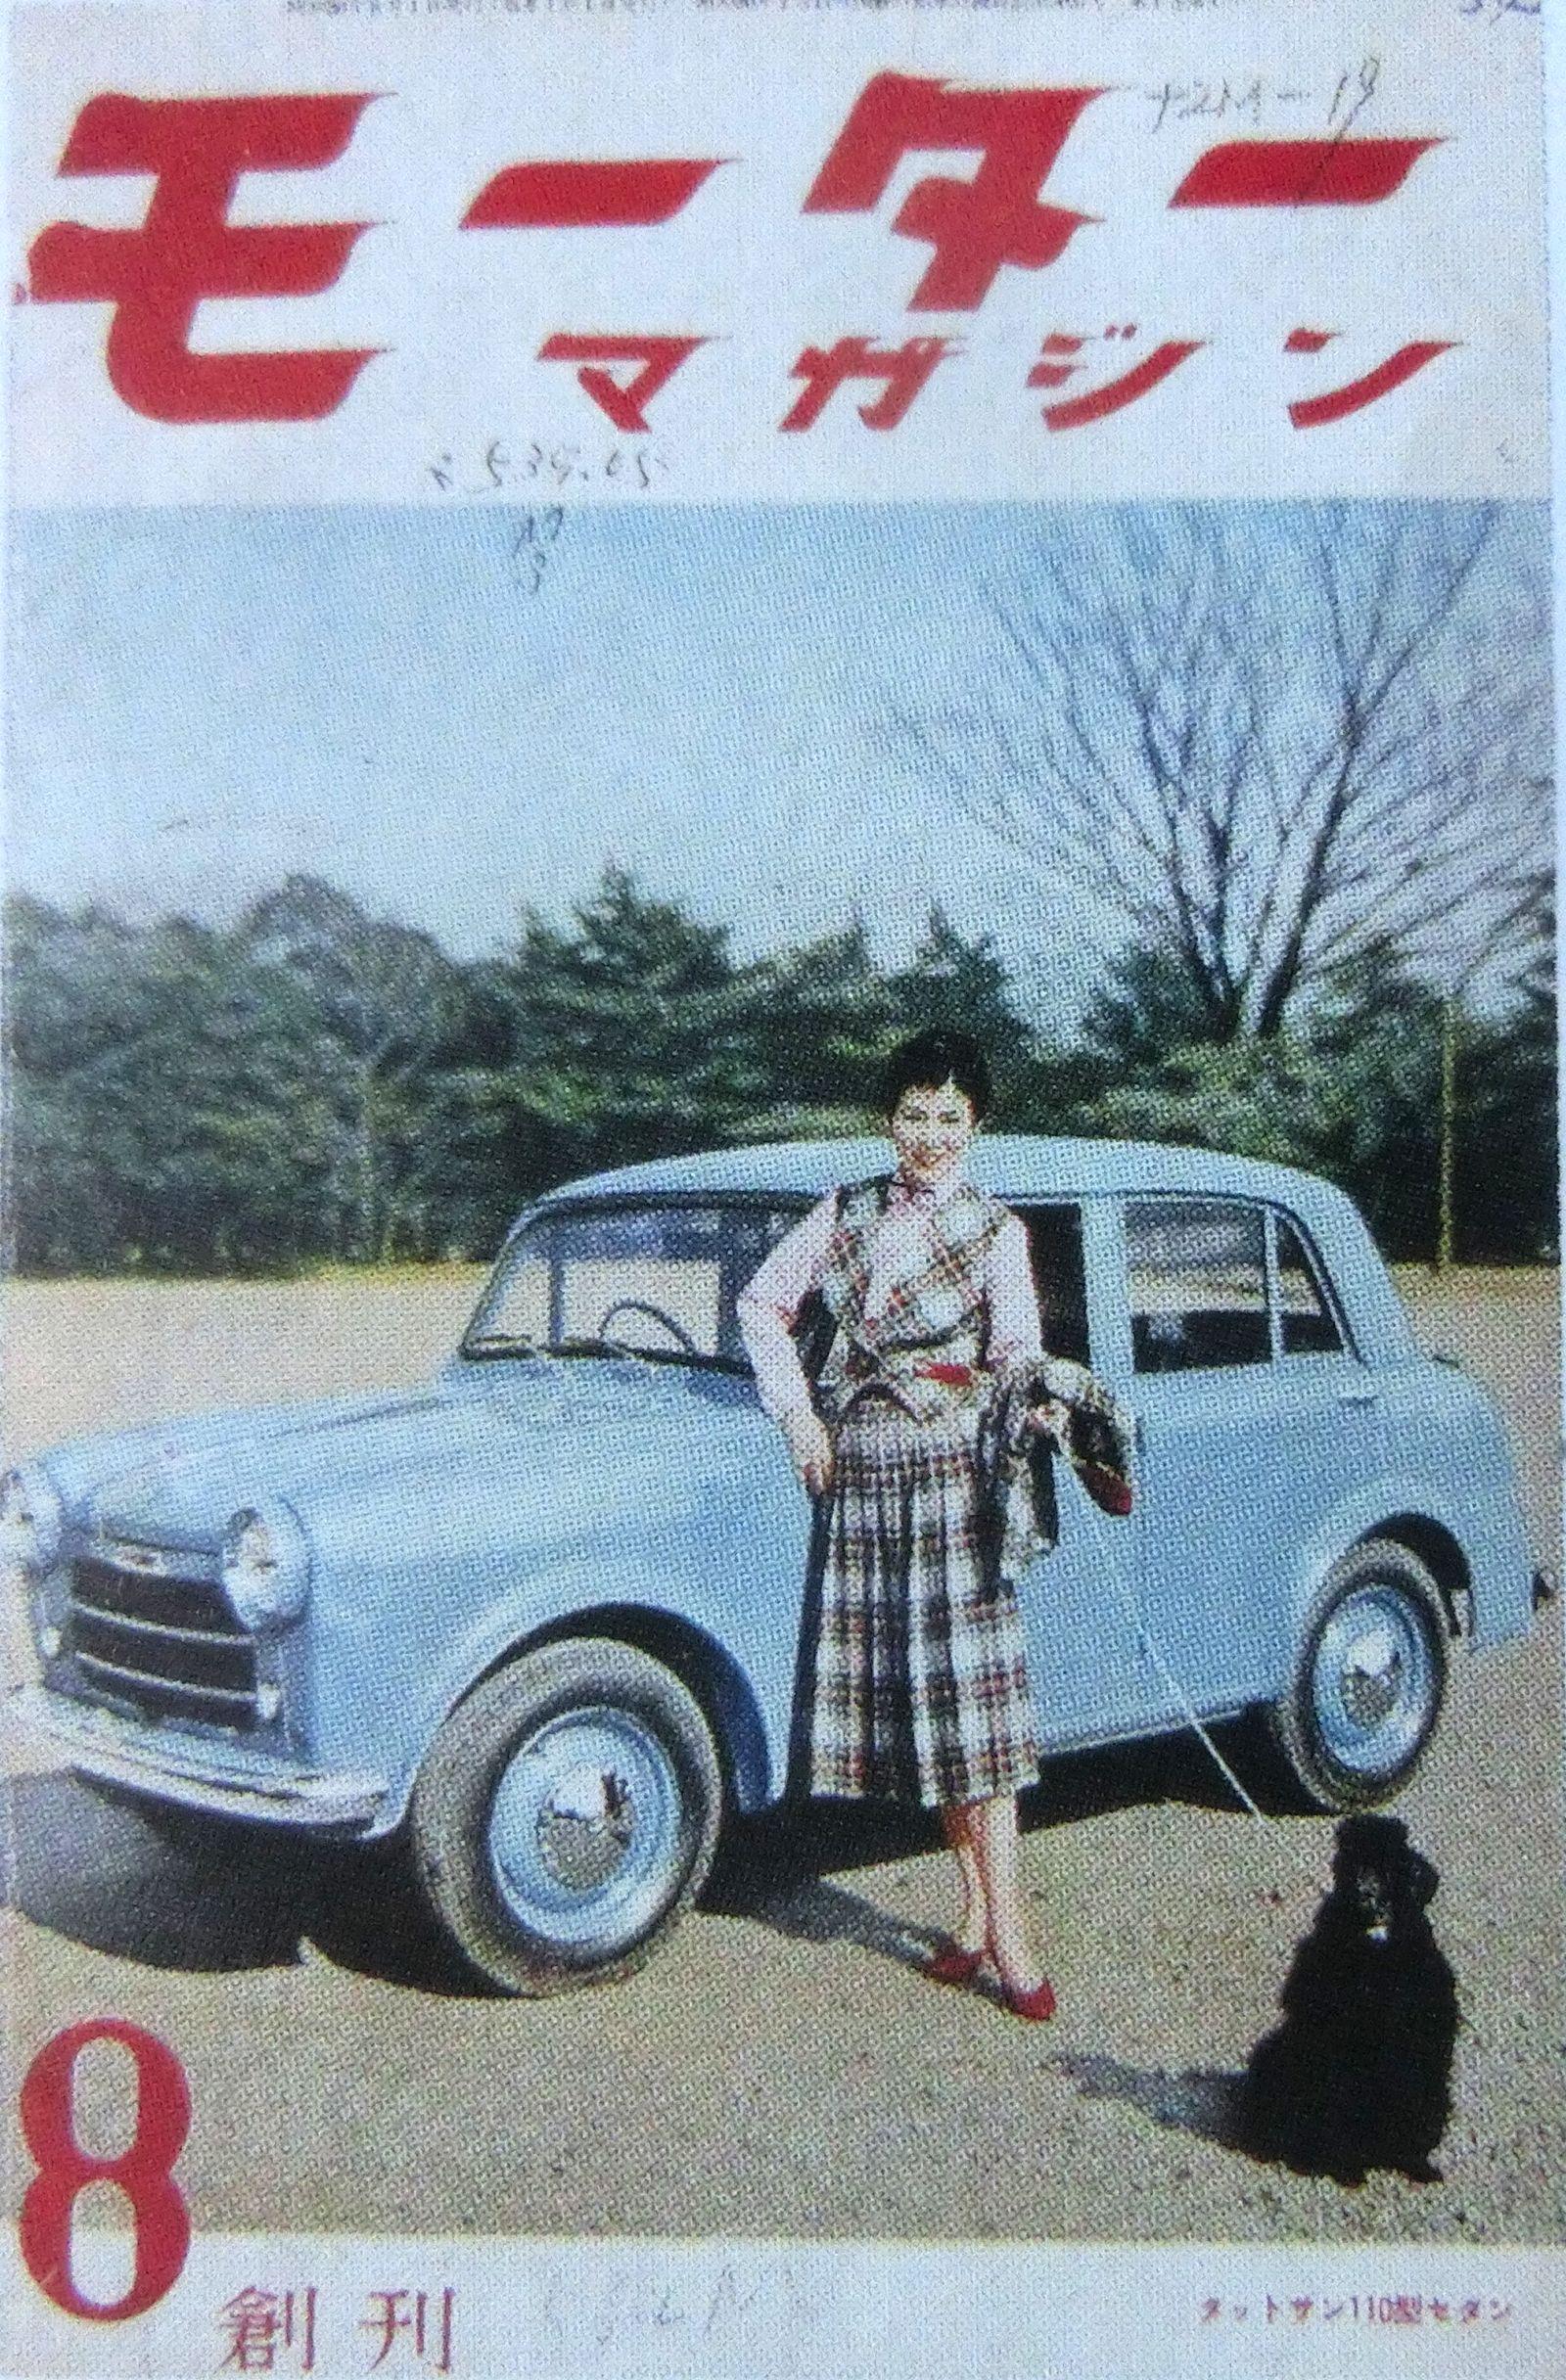 ファイル モーターマガジン 昭和30 1955 年8月 jpg wikipedia